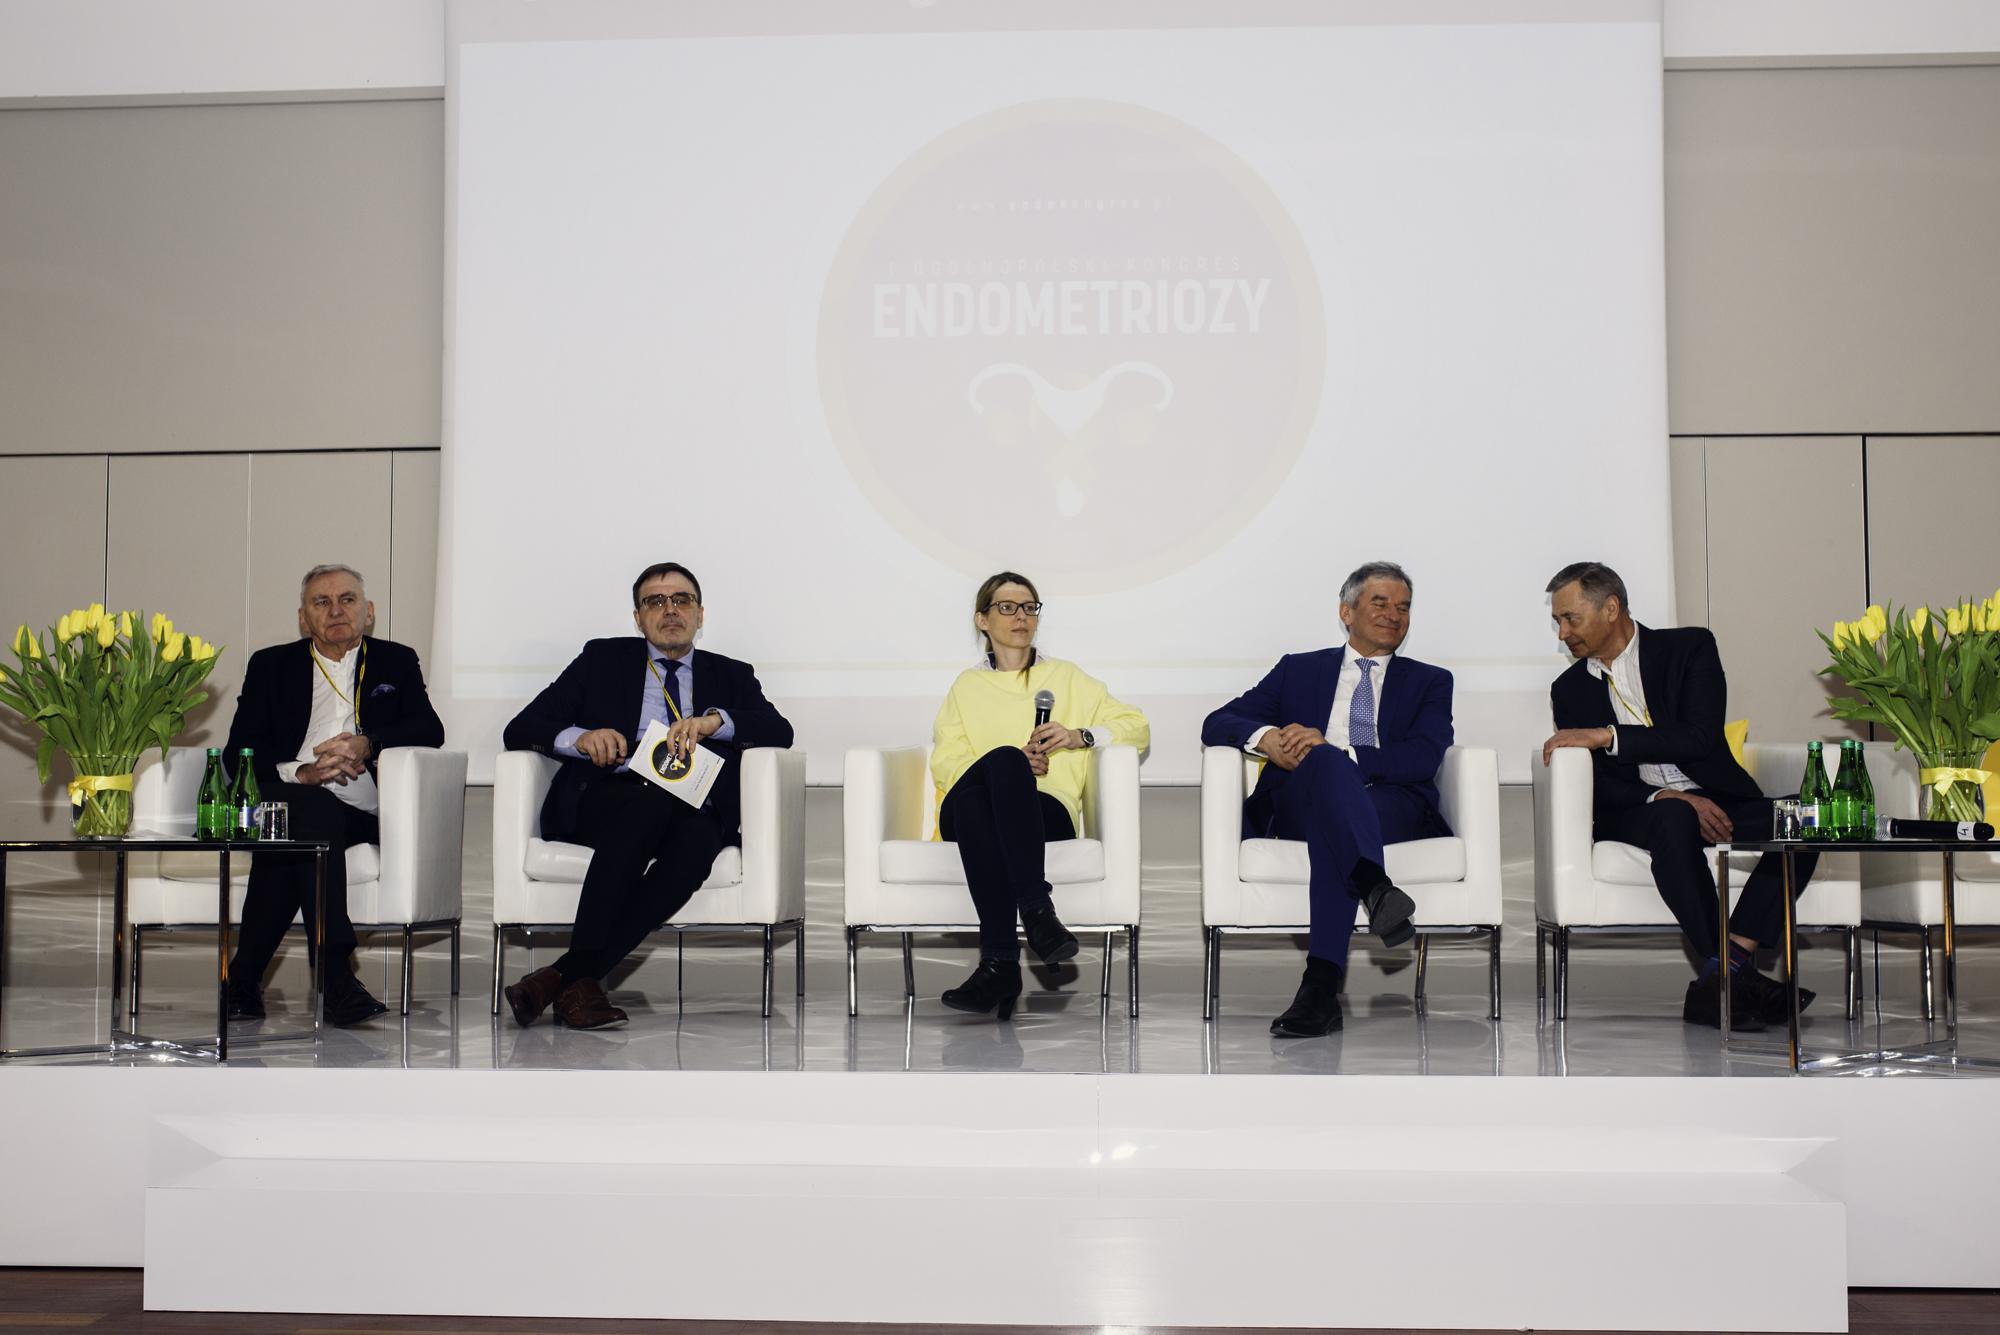 Eksperci podczas panelu dyskusyjnego, I Ogólnopolski Kongres Endometriozy